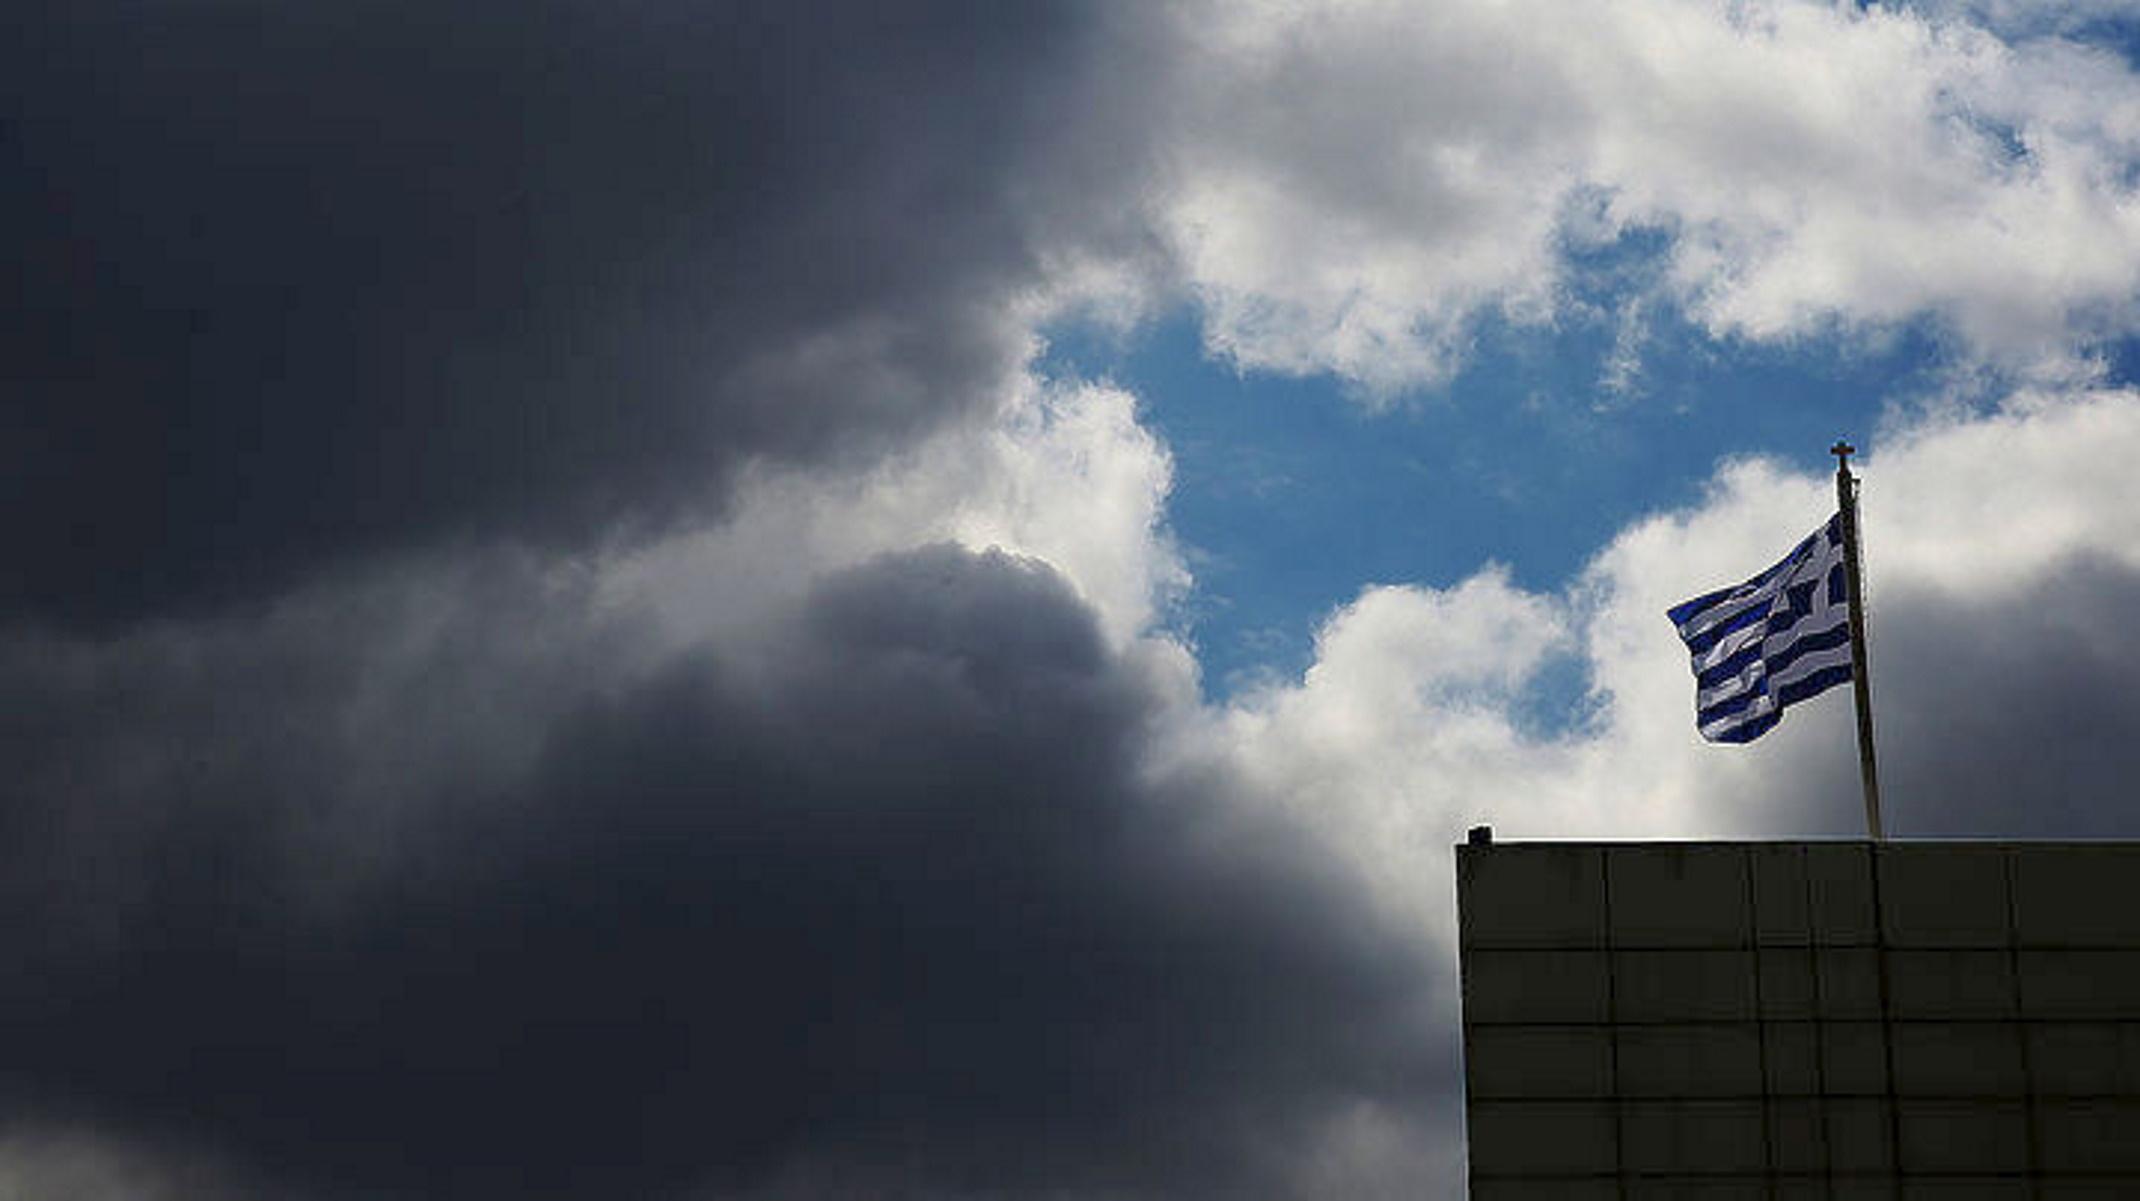 Καιρός σήμερα: Πού θα βρέχει – Αναλυτική πρόγνωση